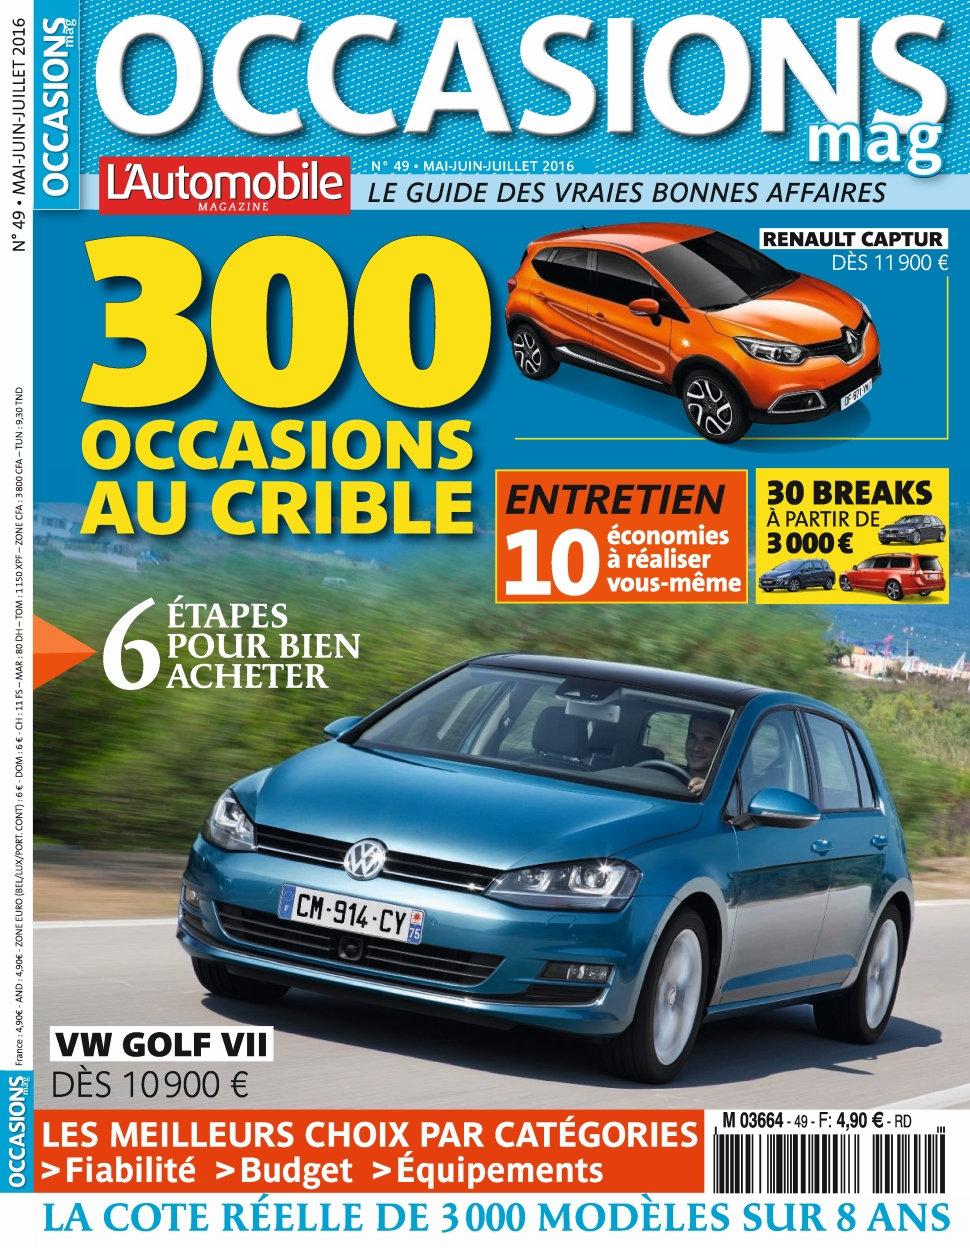 L'Automobile Occasions N°49 - Juin/Juillet 2016